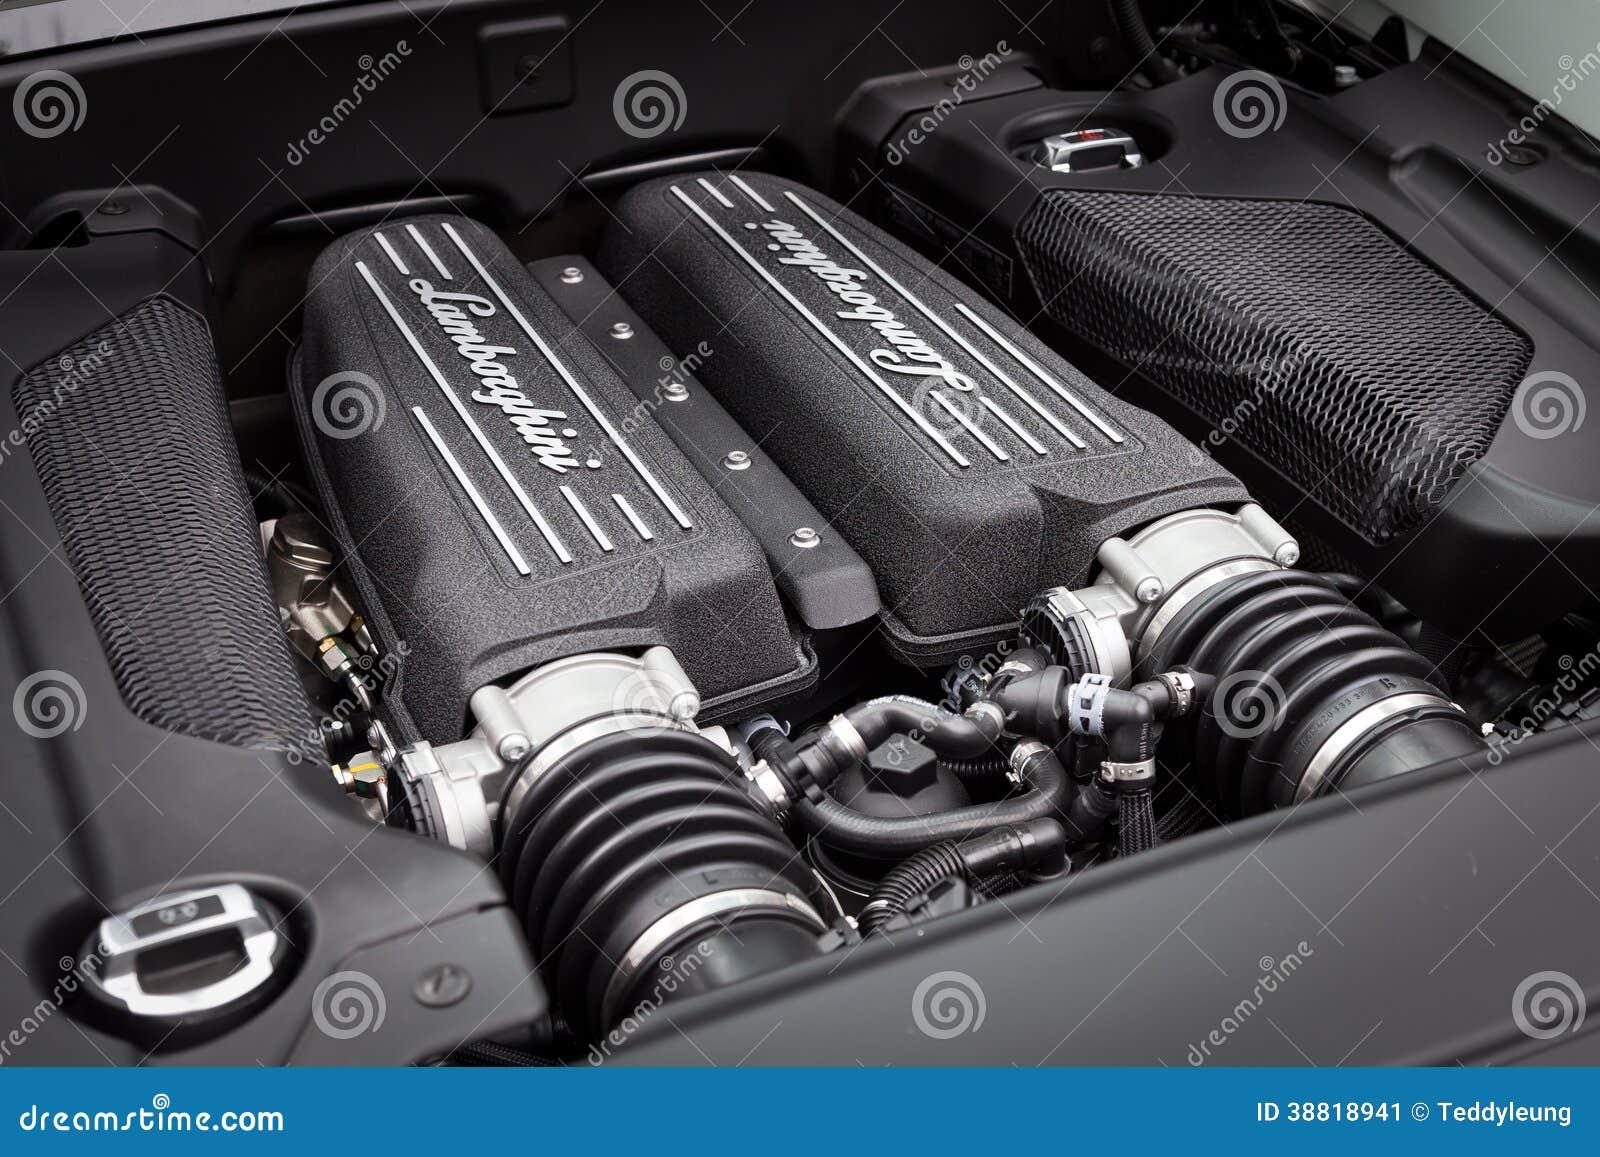 Lamborghini Lp560 4 Super Car Engine Editorial Photo